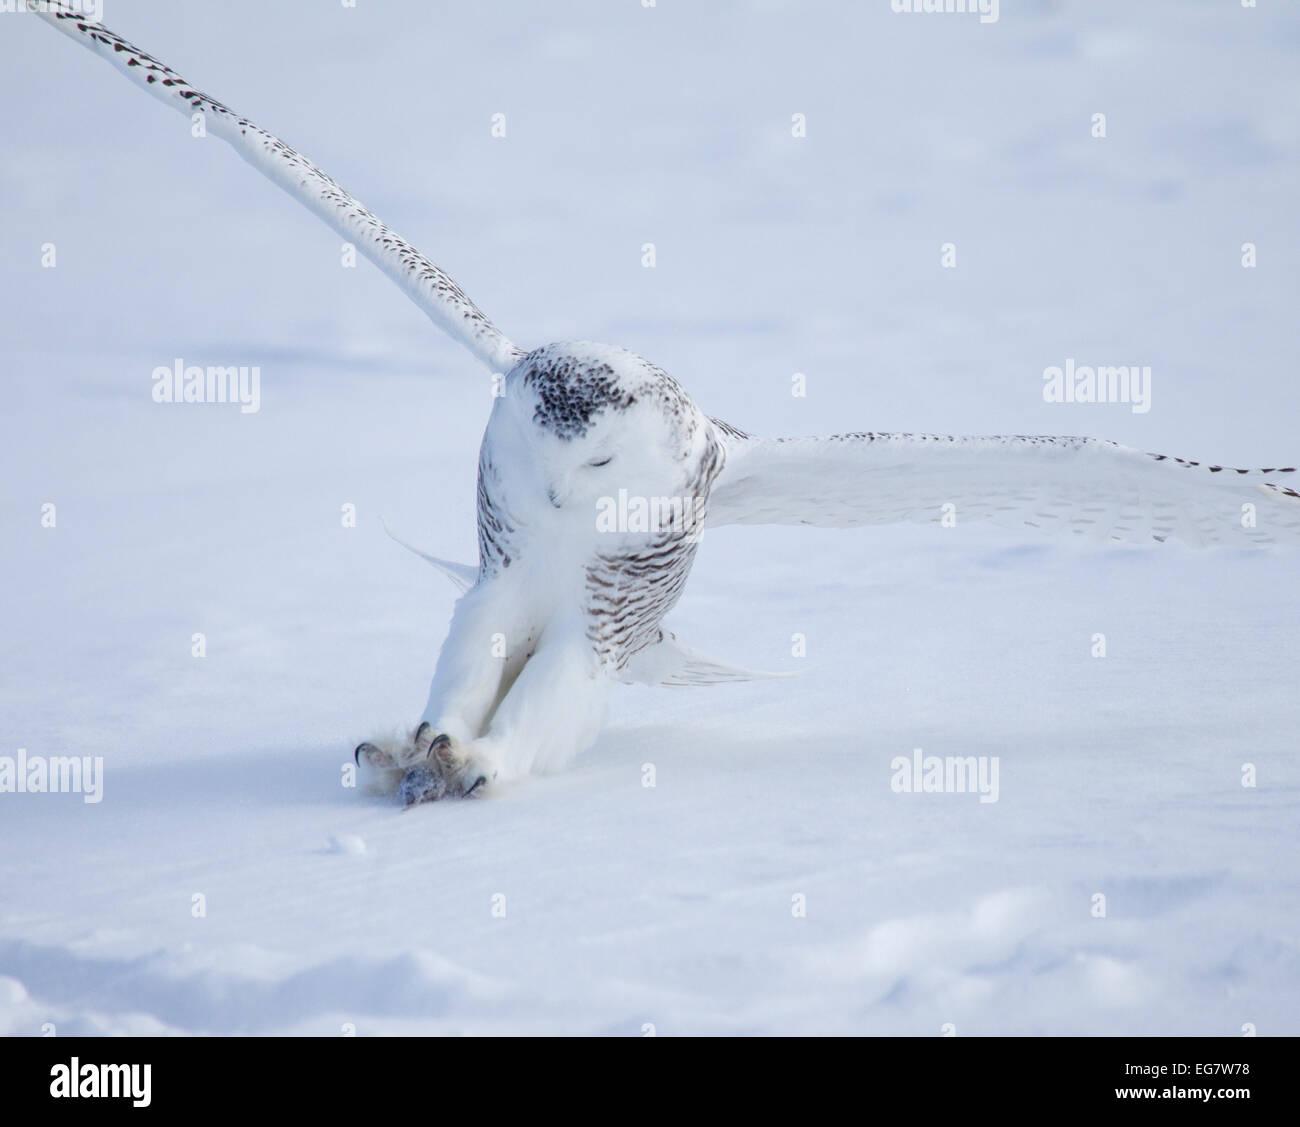 Snowy Owl Striking Prey - Stock Image